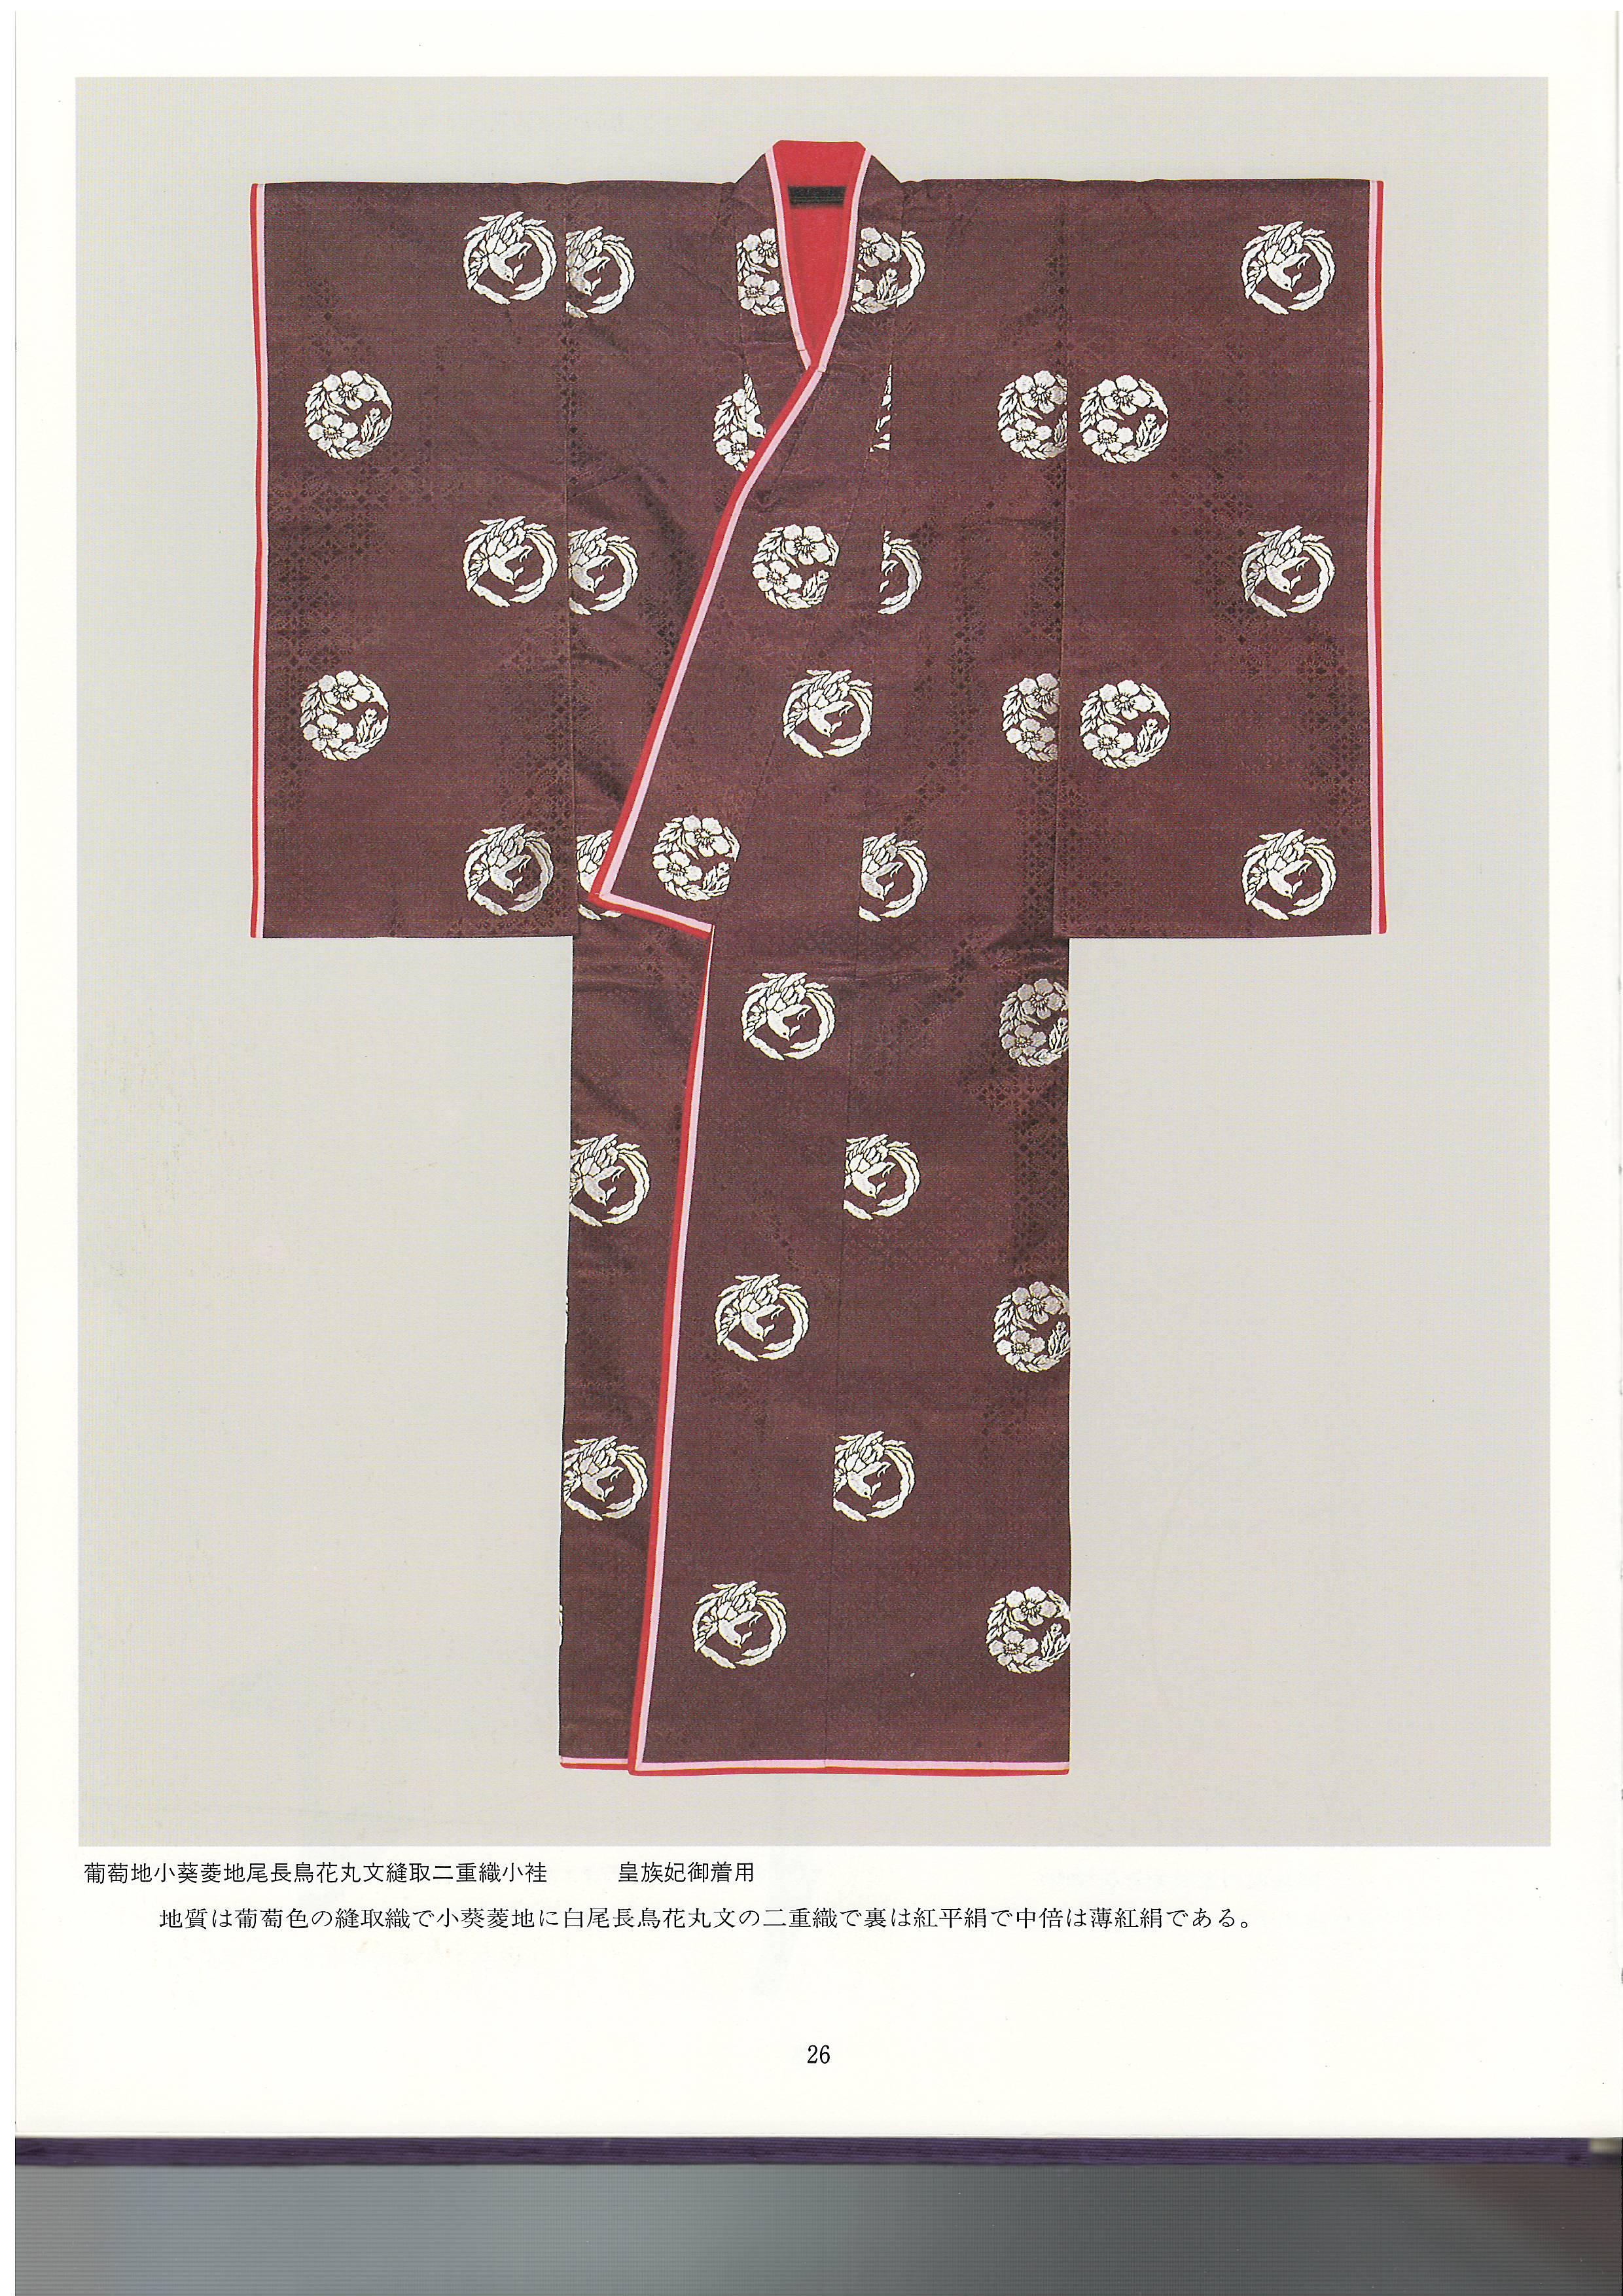 皇室衣裳展3月よりのイメージ